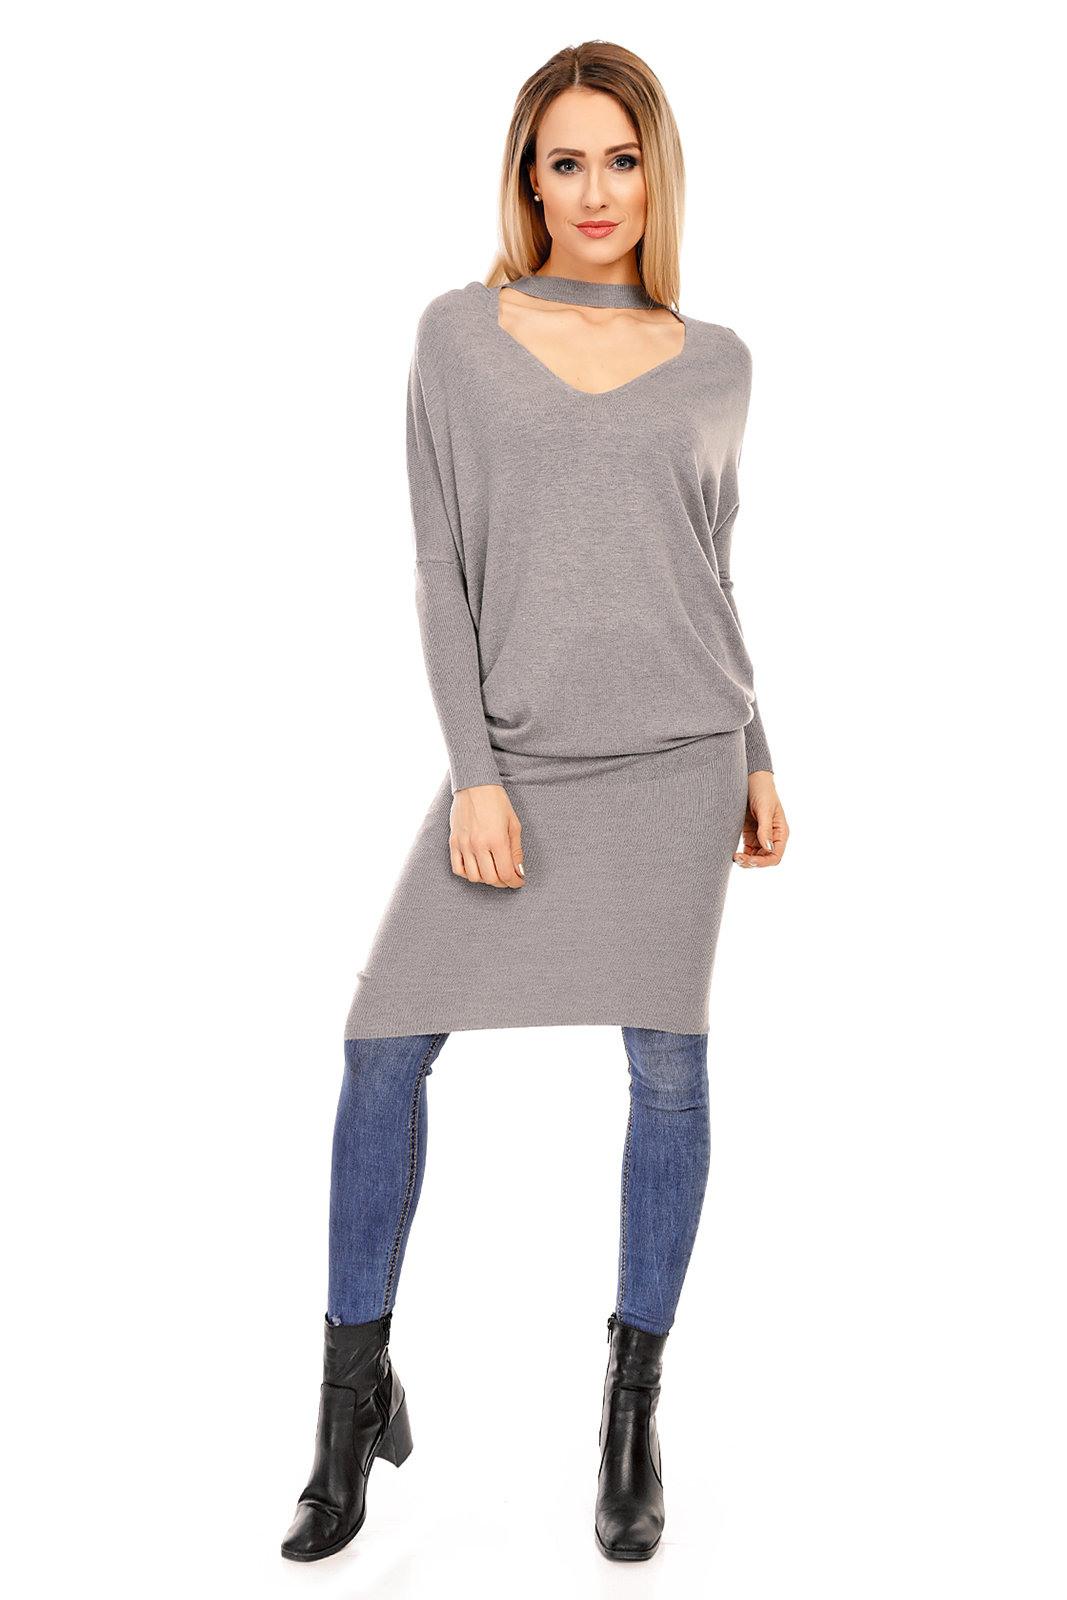 Tunika/Kleid Nicole Ks1068  One Size 2390